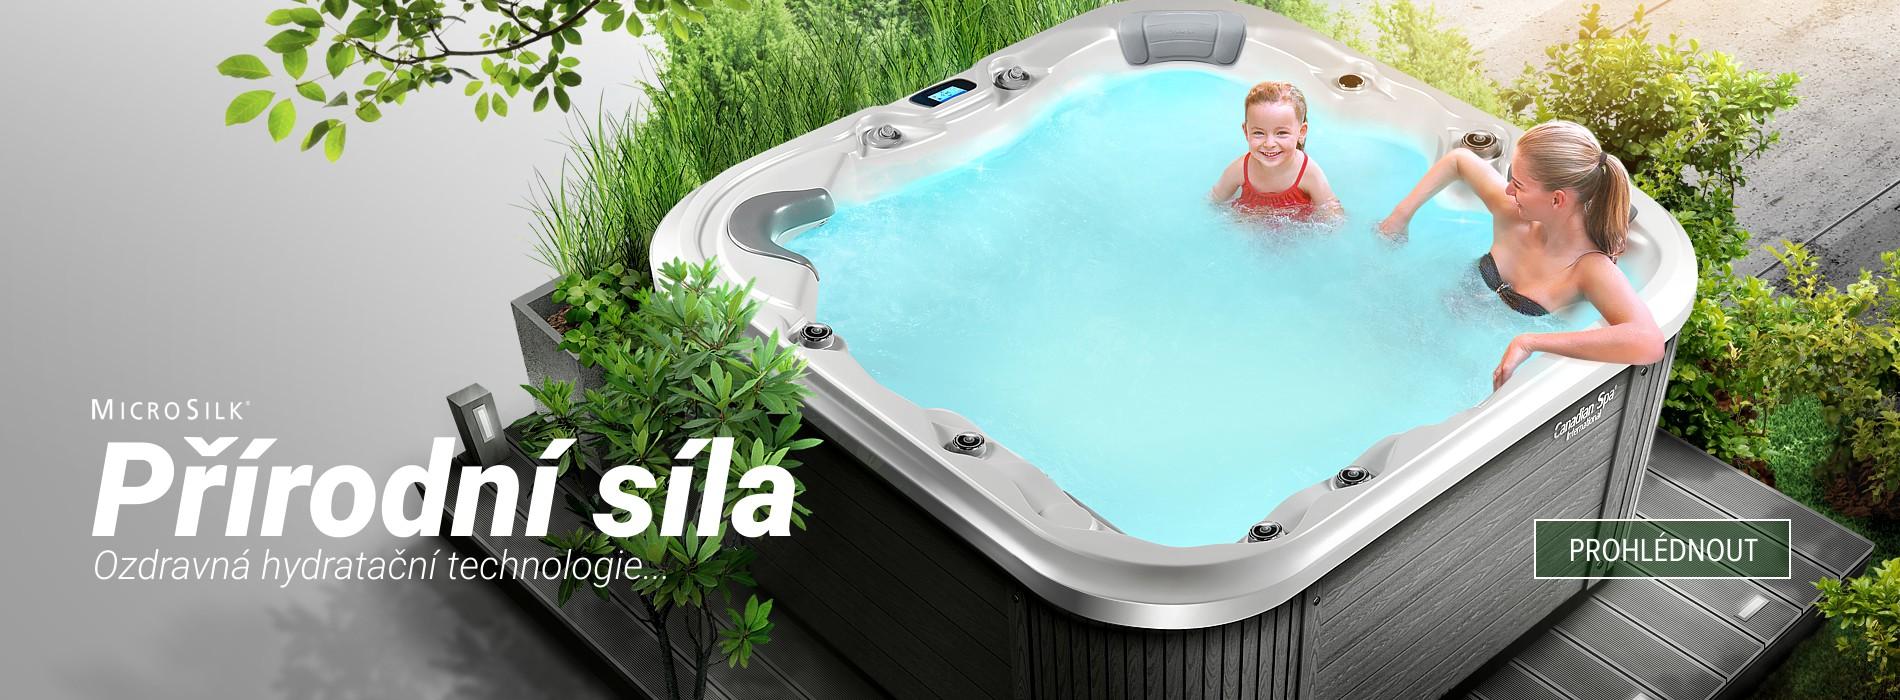 Ozdravná a hydratační technologie MicroSilk®